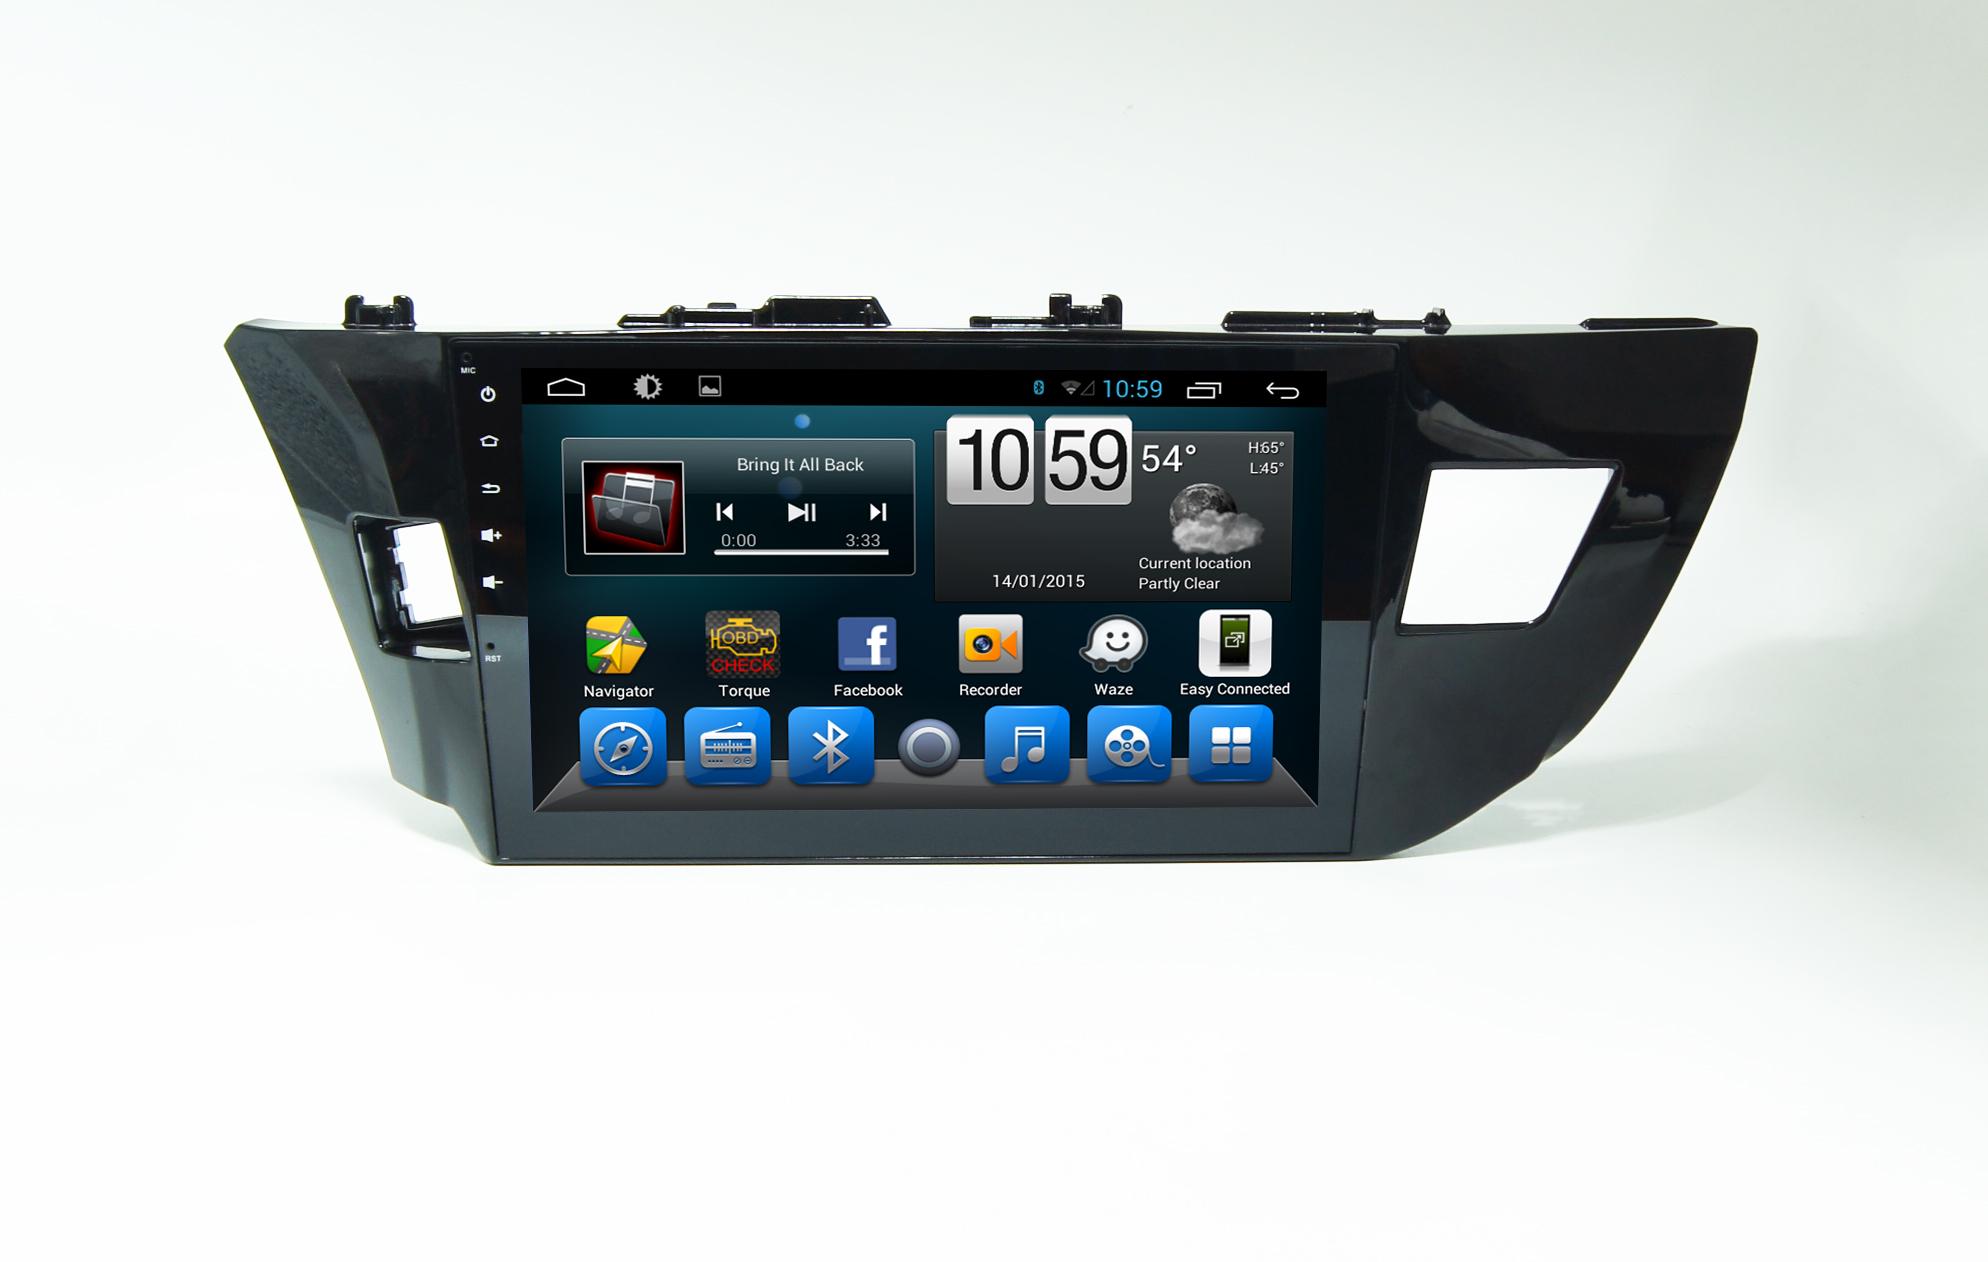 Штатная магнитола CARMEDIA QR-1032-T8 Toyota Corolla E180/E170 2013-2015 вместо штатной рамки на OC Android 7.1.2 / 8.1 (+ камера заднего вида) for toyota corolla e110 e120 e140 e160 e170 1995 2015 car interior ambient light car inside cool strip light optic fiber band